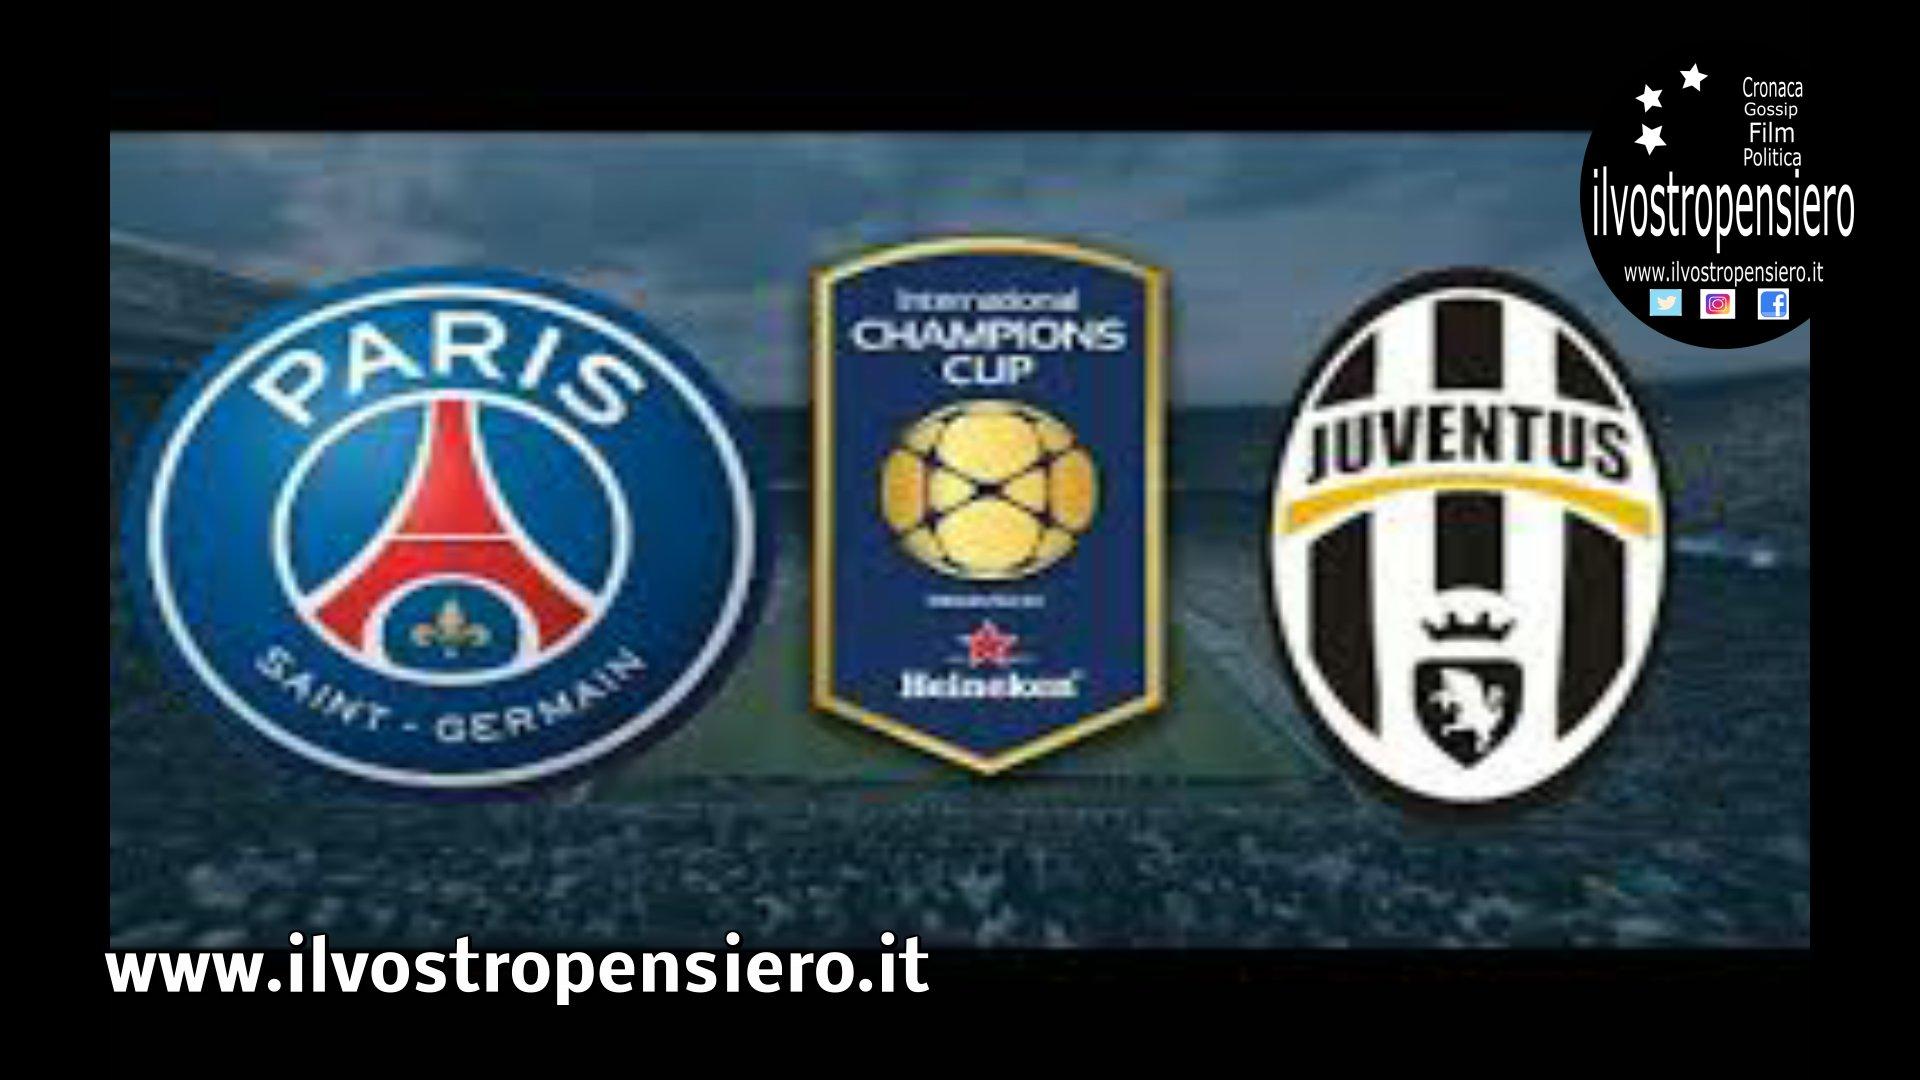 Calciomercato: Juventus- Psg due idee che scaldano la serie A